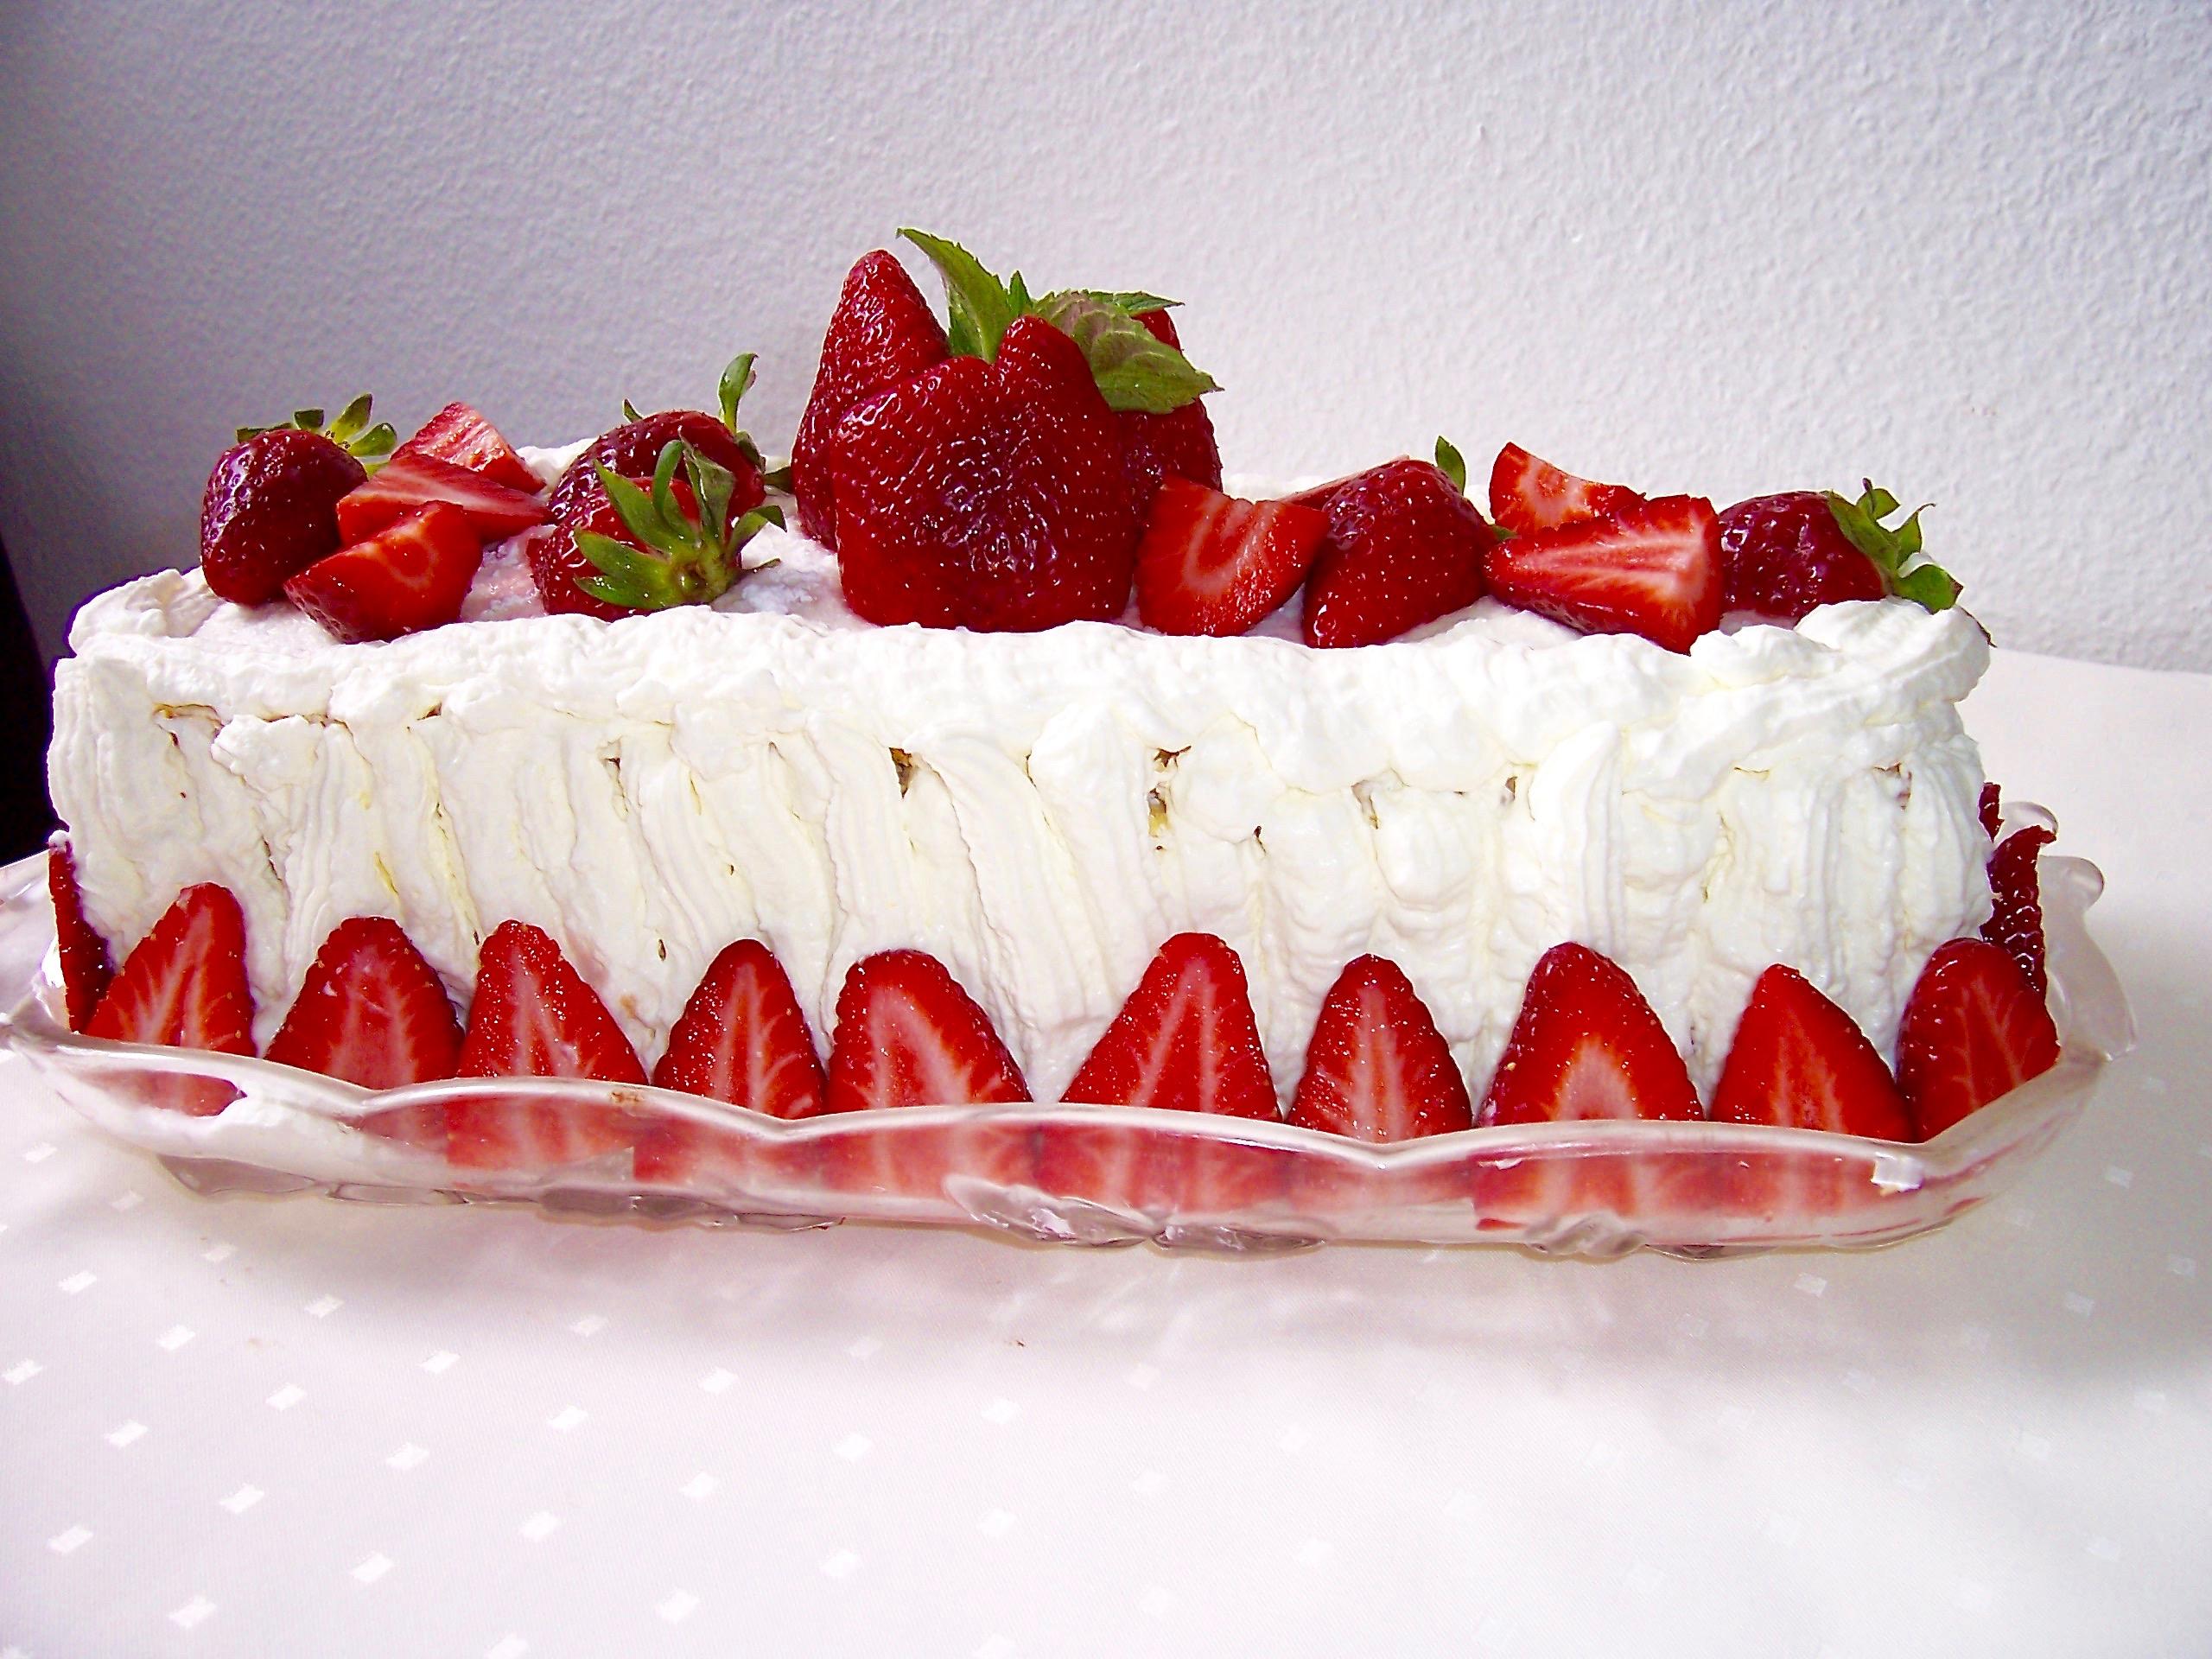 fogyhat és ehet tortát hogyan fogyhat el a hasi zsír két hét alatt